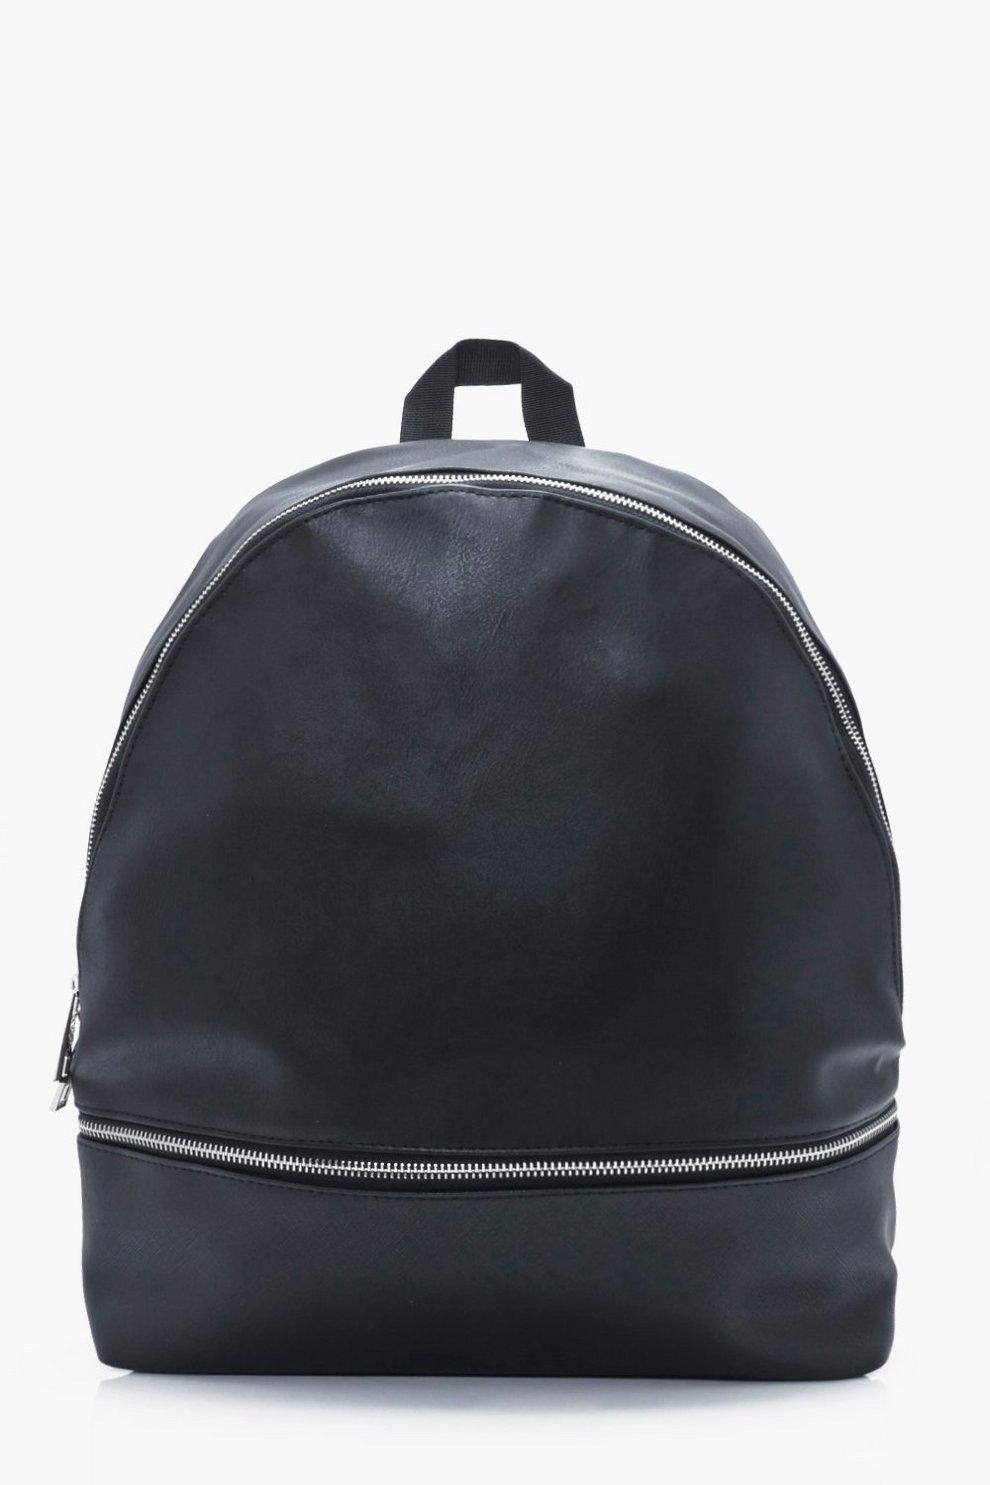 Boohoo en sac synthétique à dos noir cuir qv81zBxwF